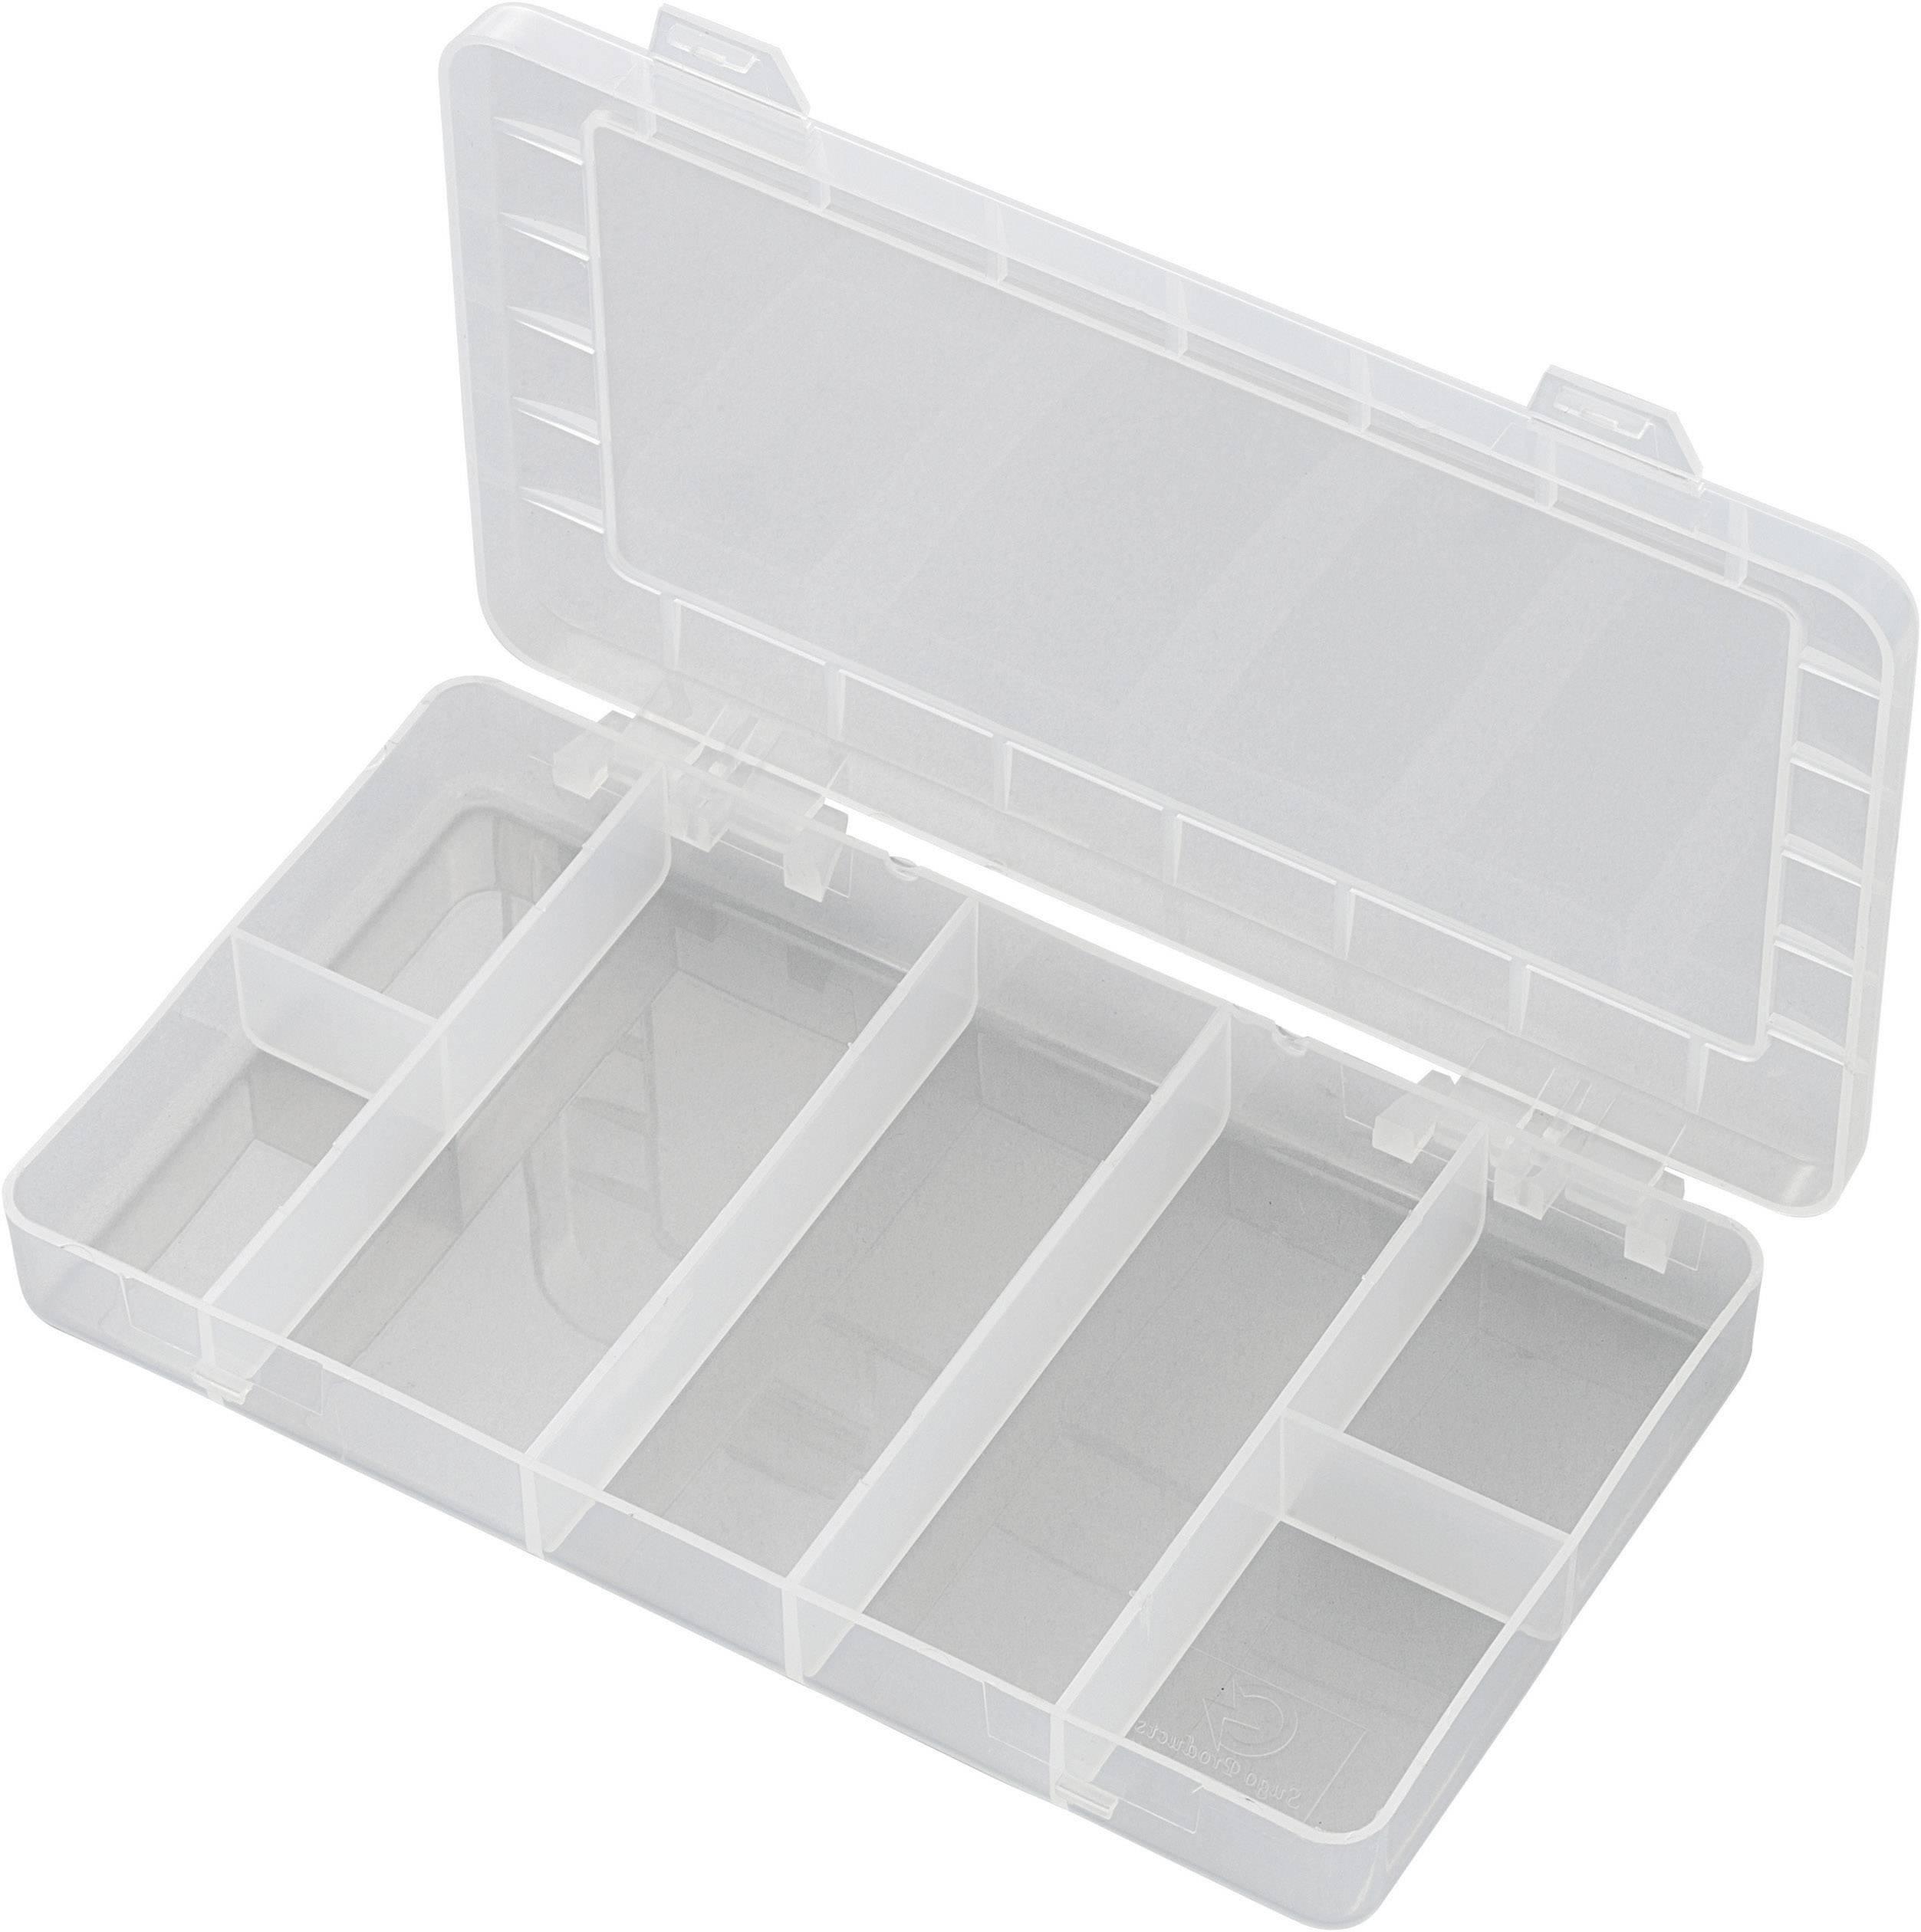 Box na součástky PP07-01, 192 x 110 x 24 mm, transparentní (difuzní)